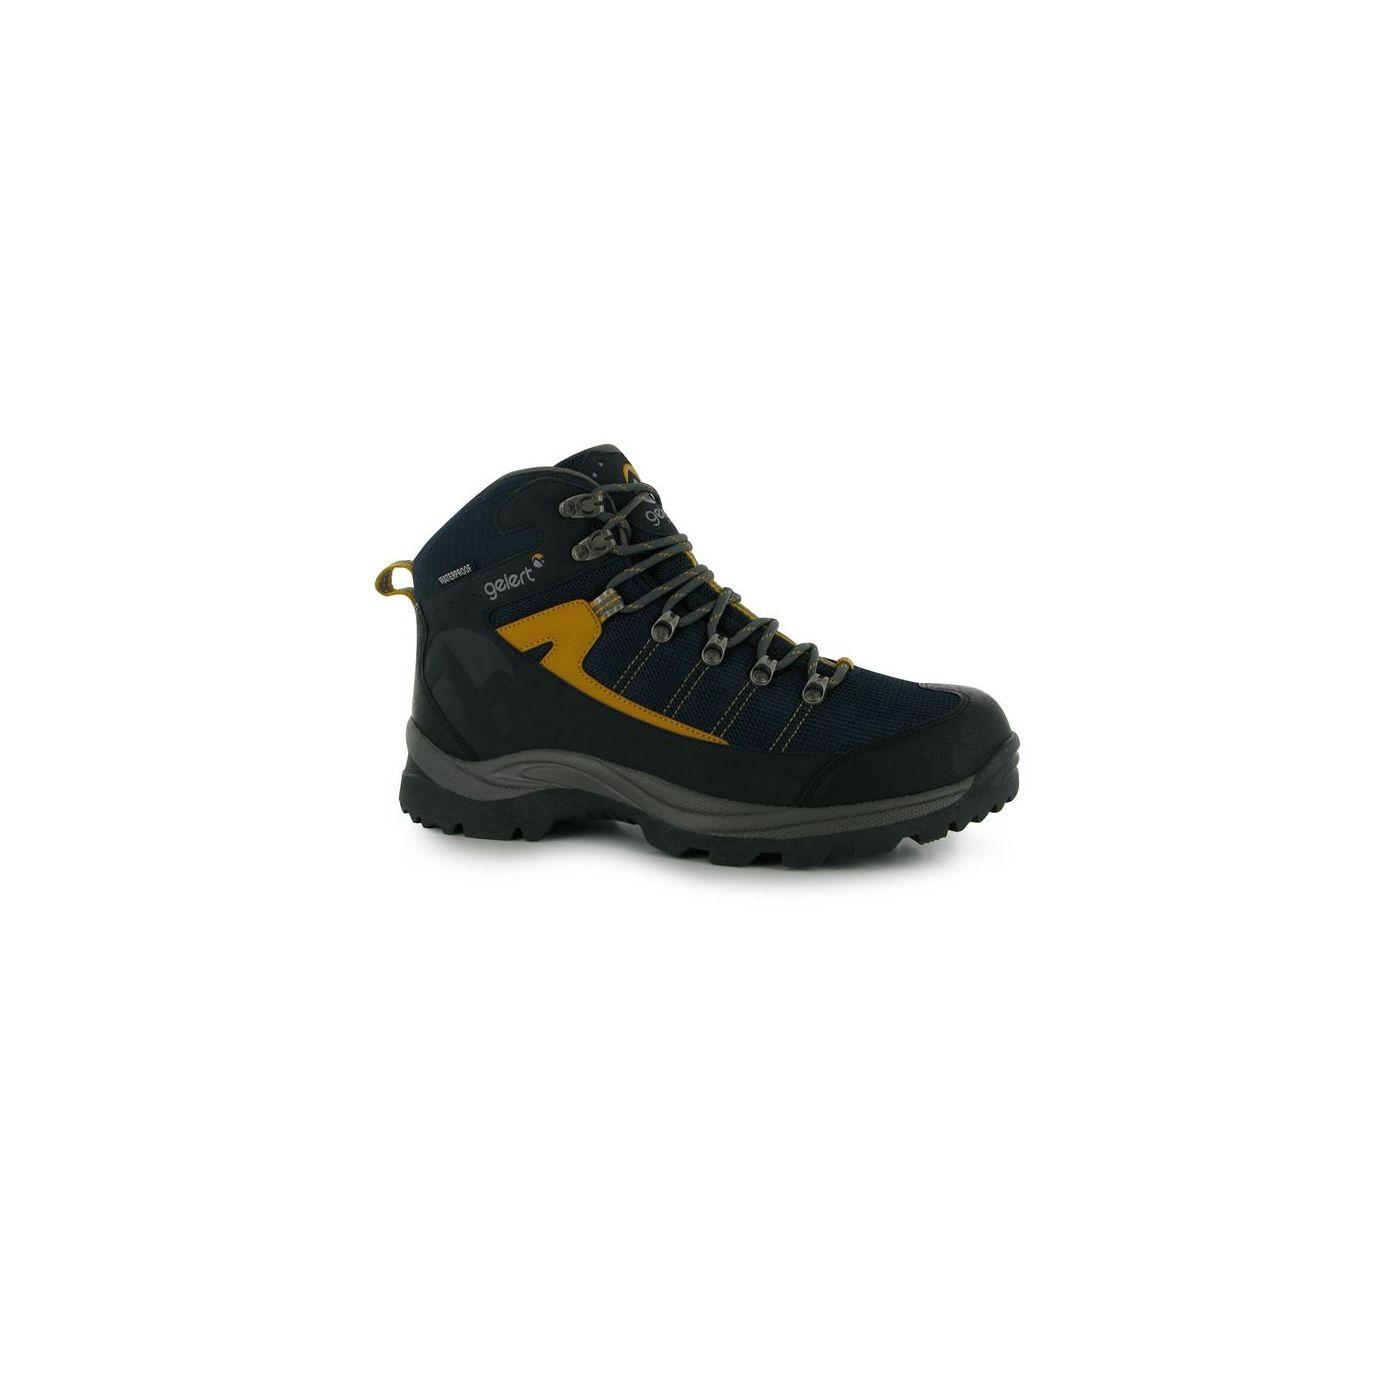 Gelert Altitude Waterproof Boots Mens